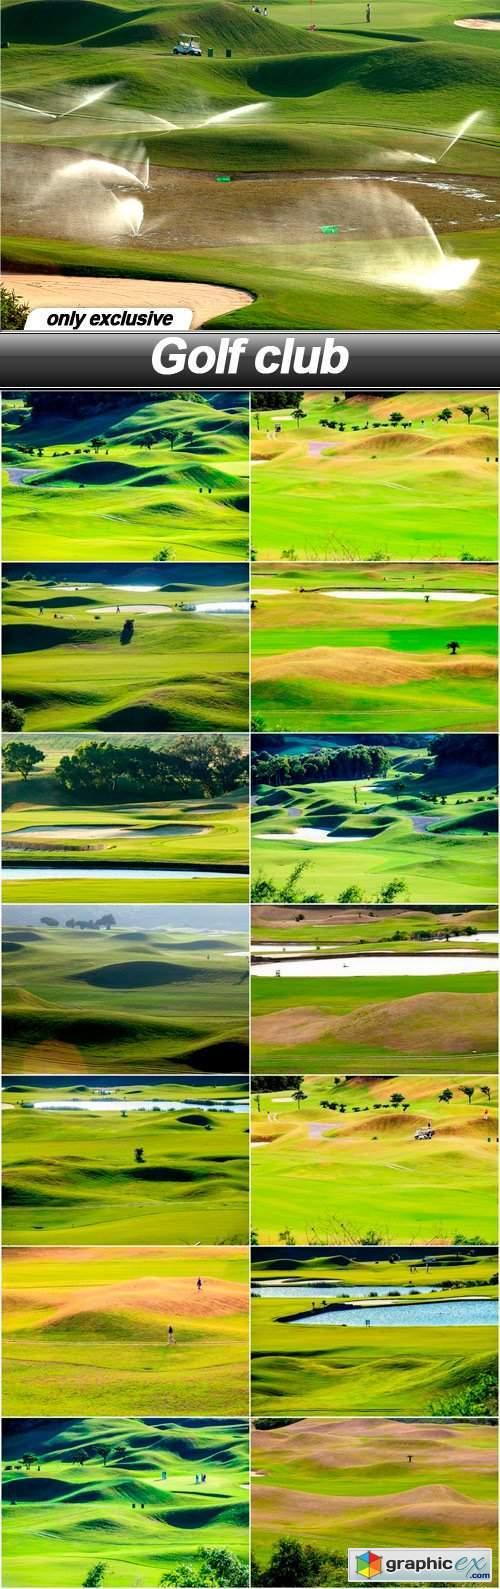 Golf club - 15 UHQ JPEG